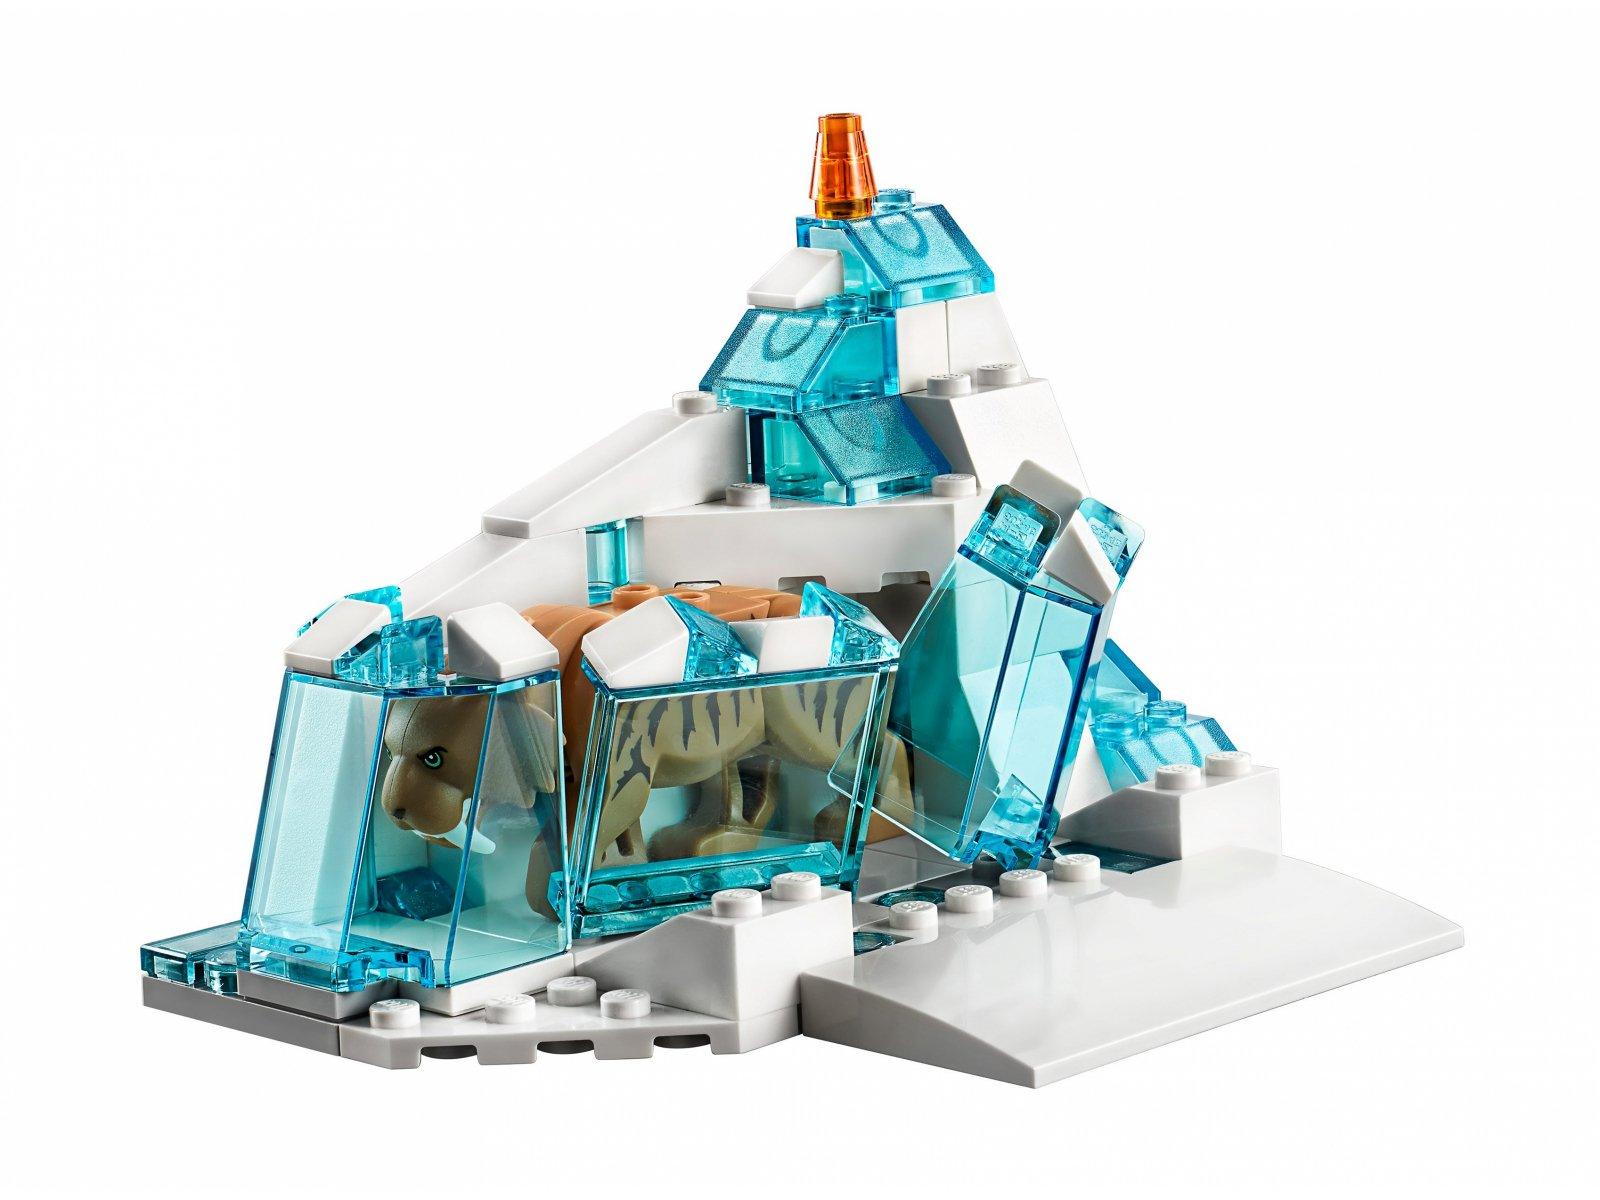 60196 Lego